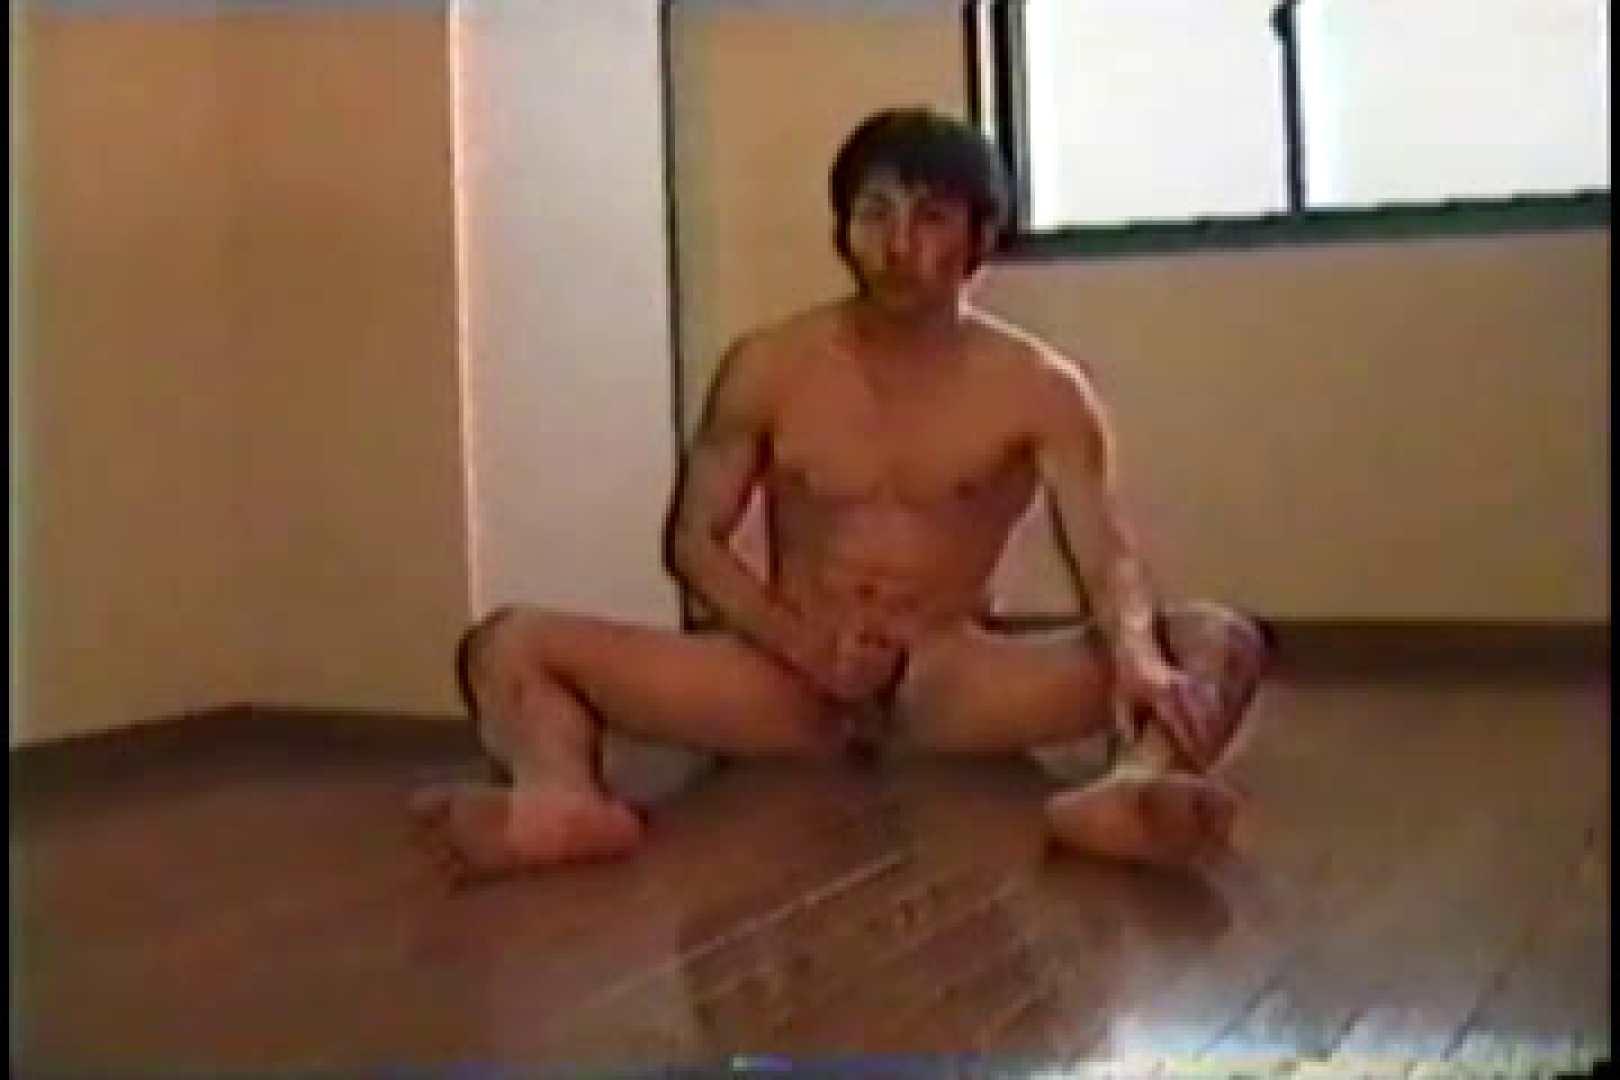 『ノンケ・スポーツマンシップとは・・・! ! 』 第6戦 ゲイのオナニー映像 ゲイエロ動画 95枚 86